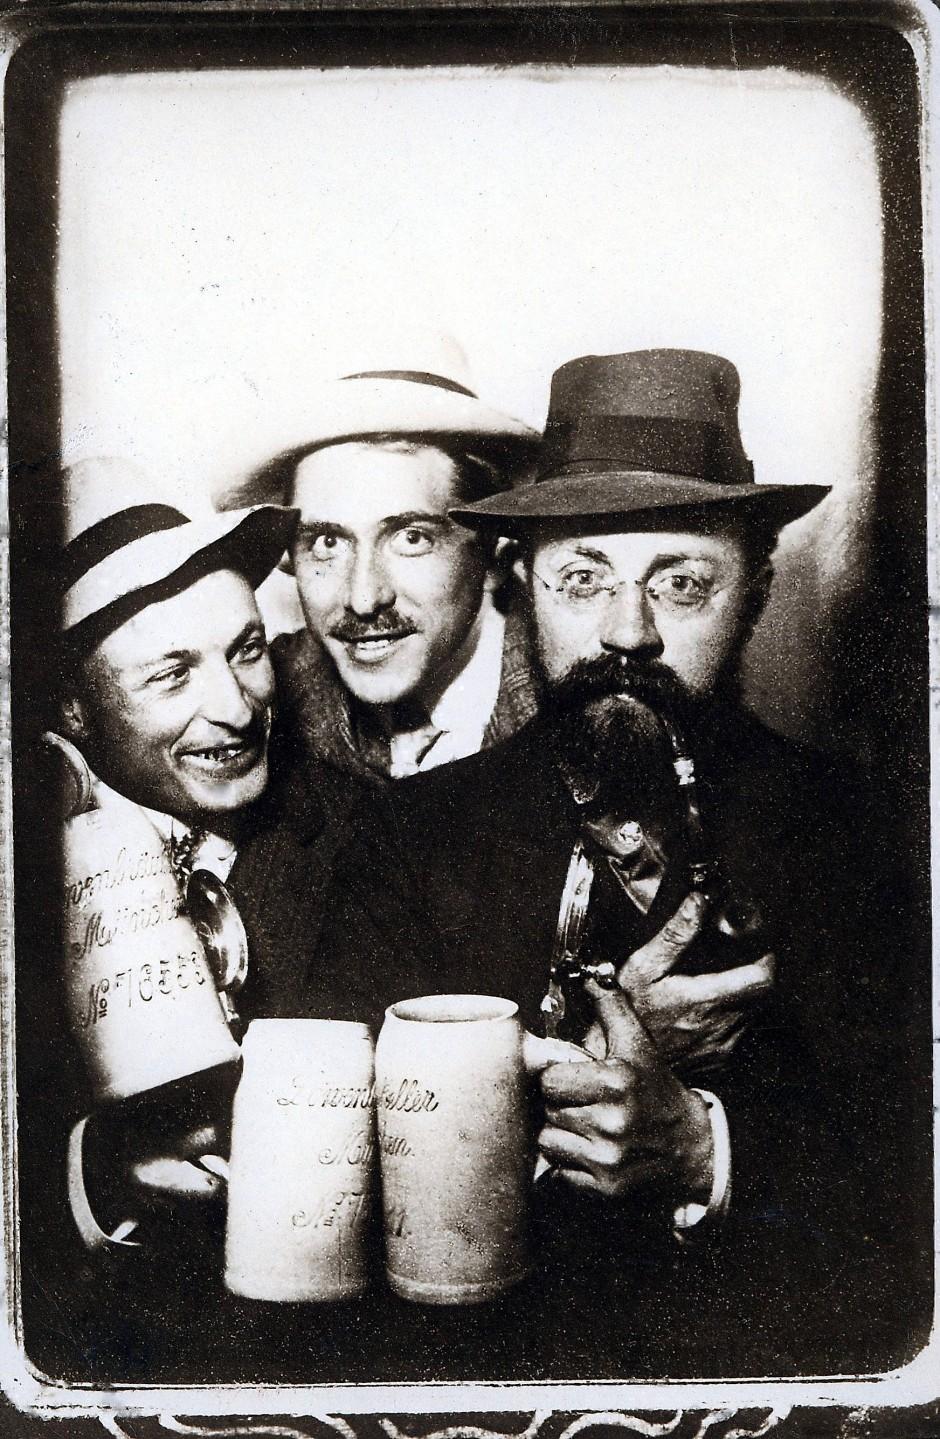 Ein Prosit der Gemütlichkeit: Henri Matisse mit Pfeife und seinen deutschen Künstlerfreunden Hans Purrmann und Albert Weisgerber im Münchner Löwenbräukeller am Sofortbildautomaten 1910